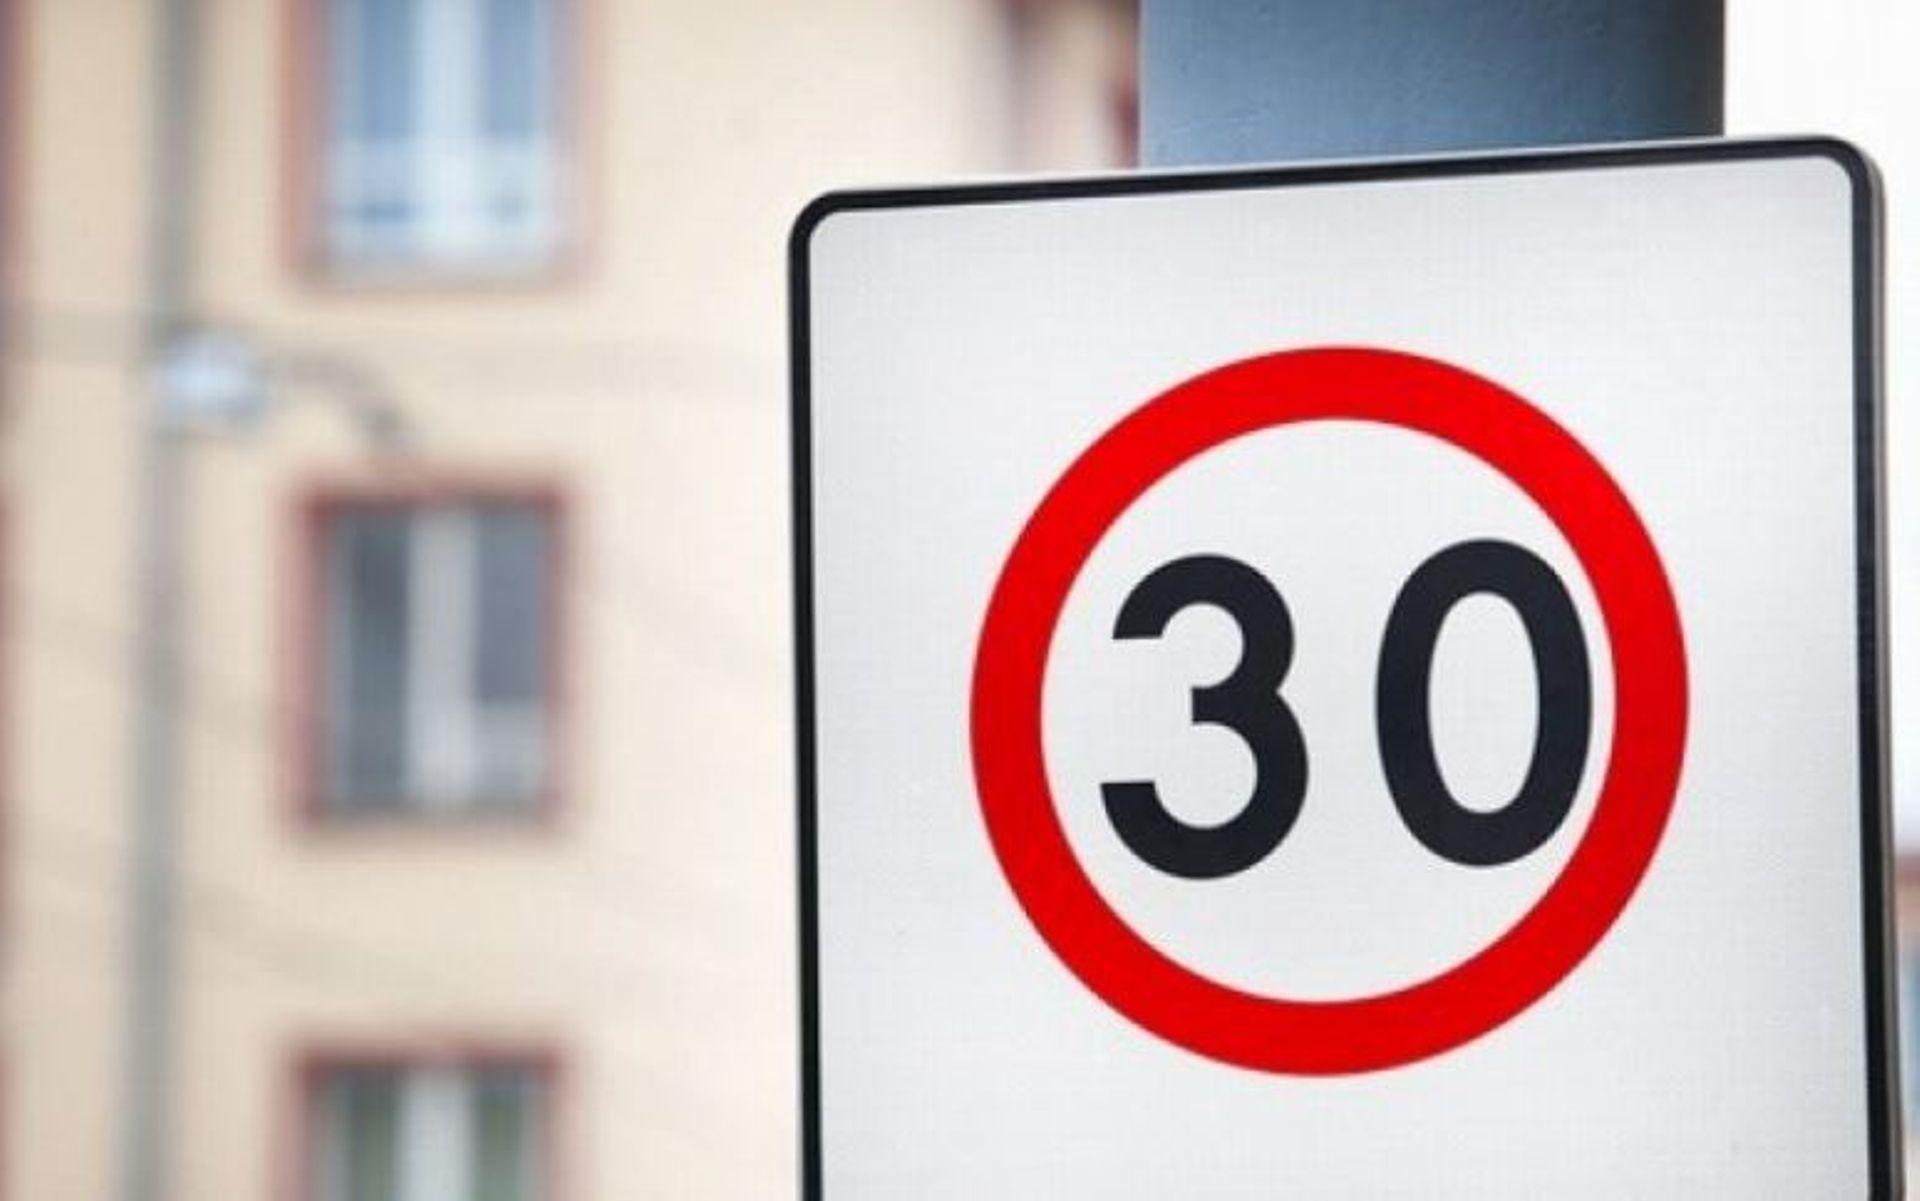 Wrocław: Trzy główne ulice na Starym Mieście zostaną objęte strefą Tempo 30